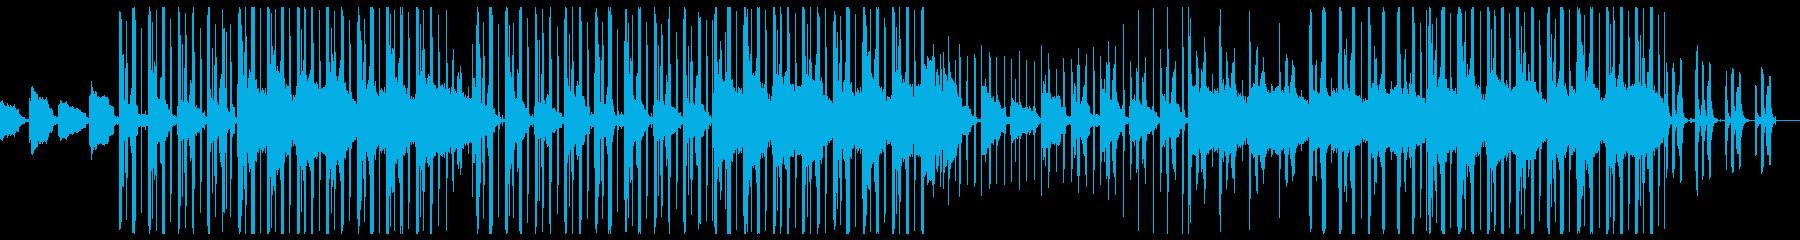 ギターとフルートがメインの落ち着いた曲の再生済みの波形